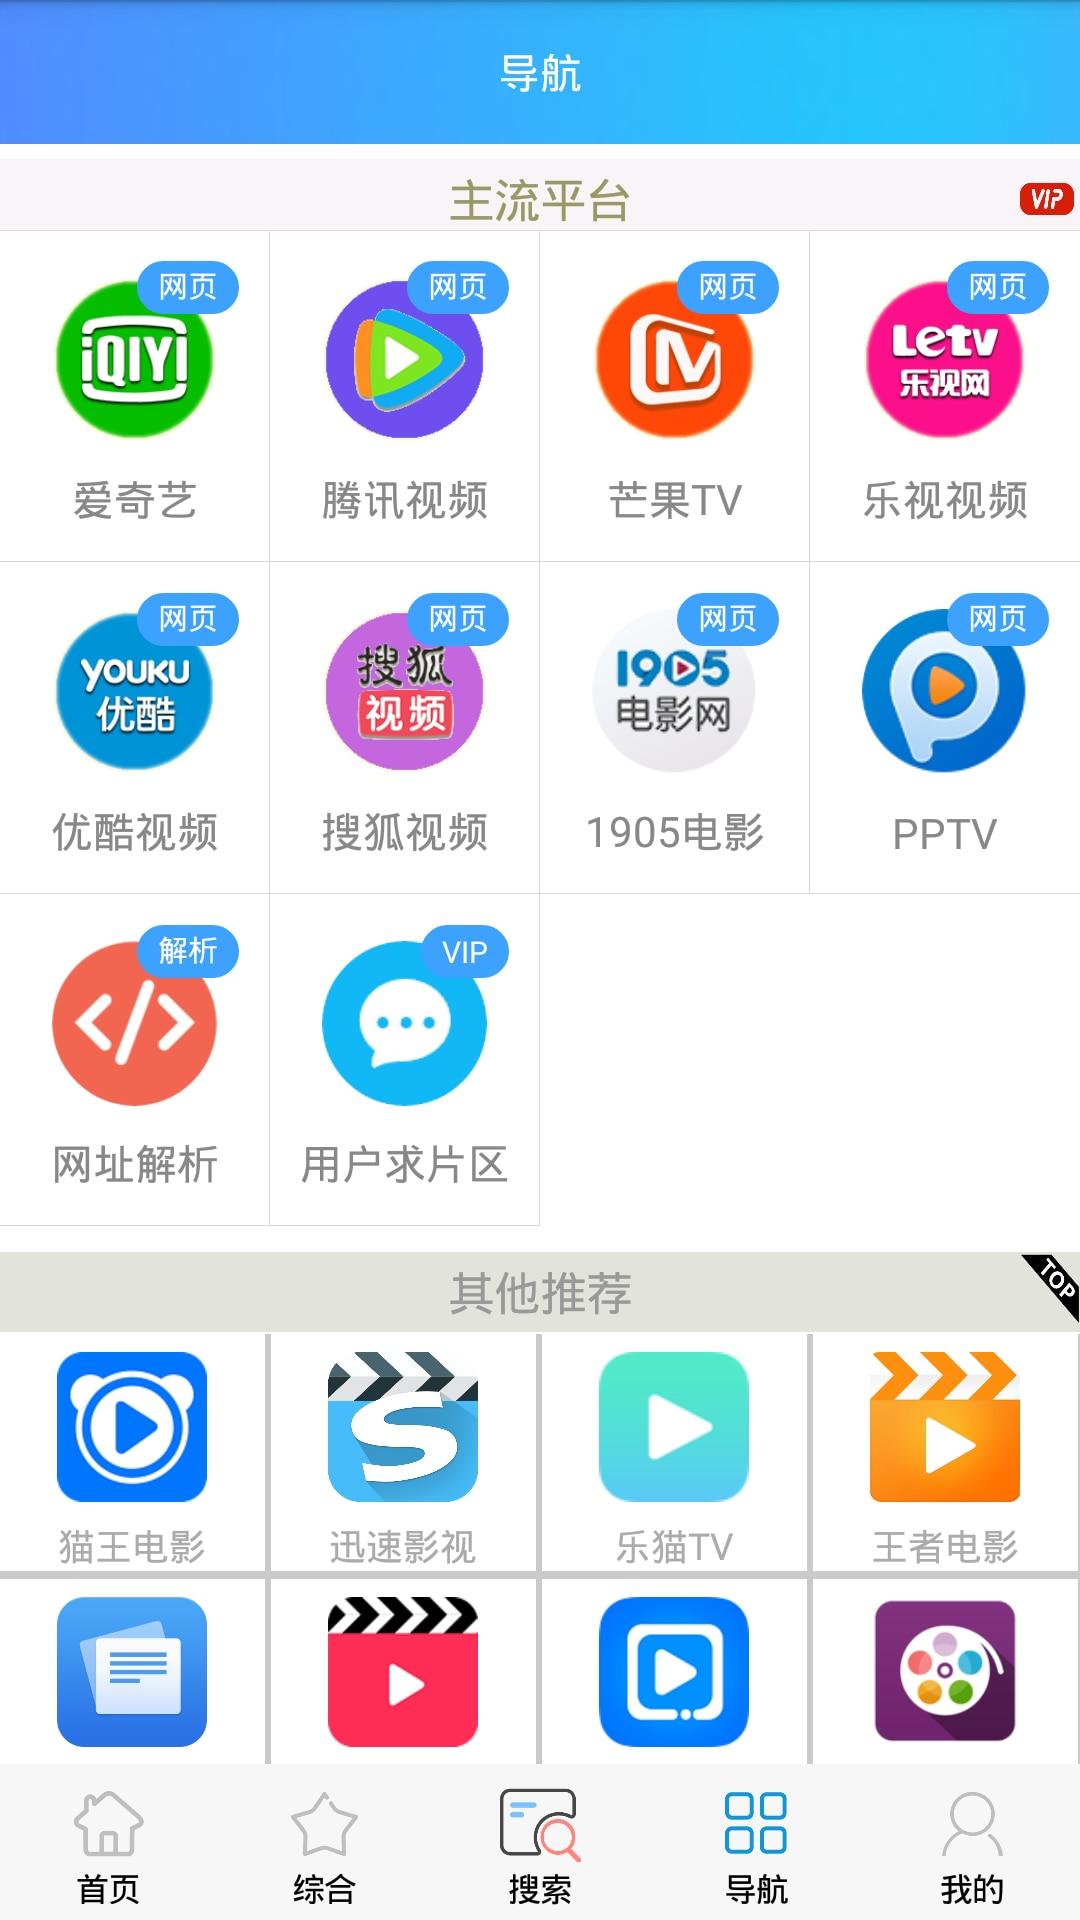 全网影视聚合app:安卓乐爱影视v5.1,可看各大网站视频VIP影视 配图 No.4